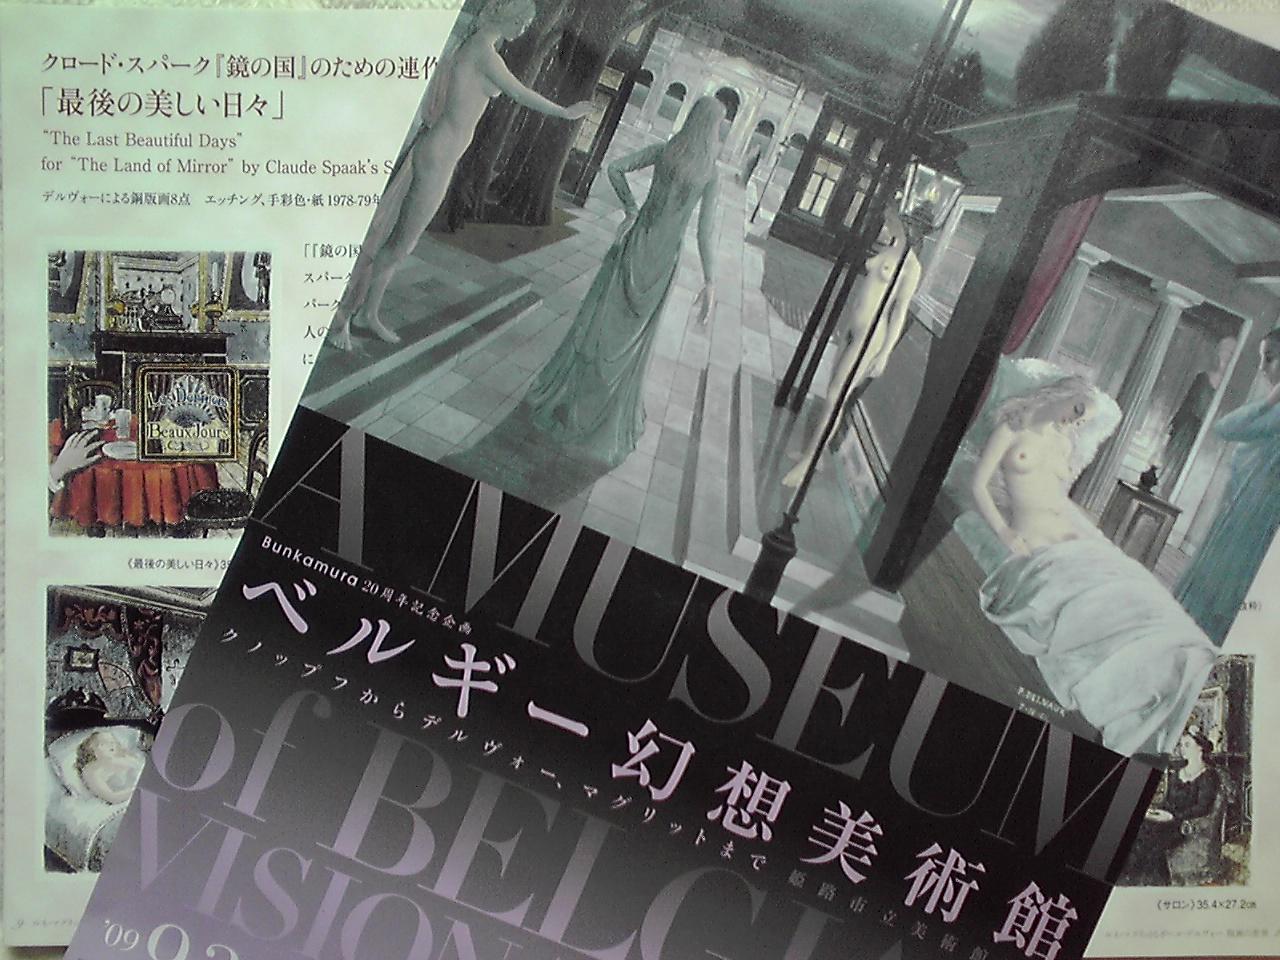 【オススメ】ベルギー幻想美術館展